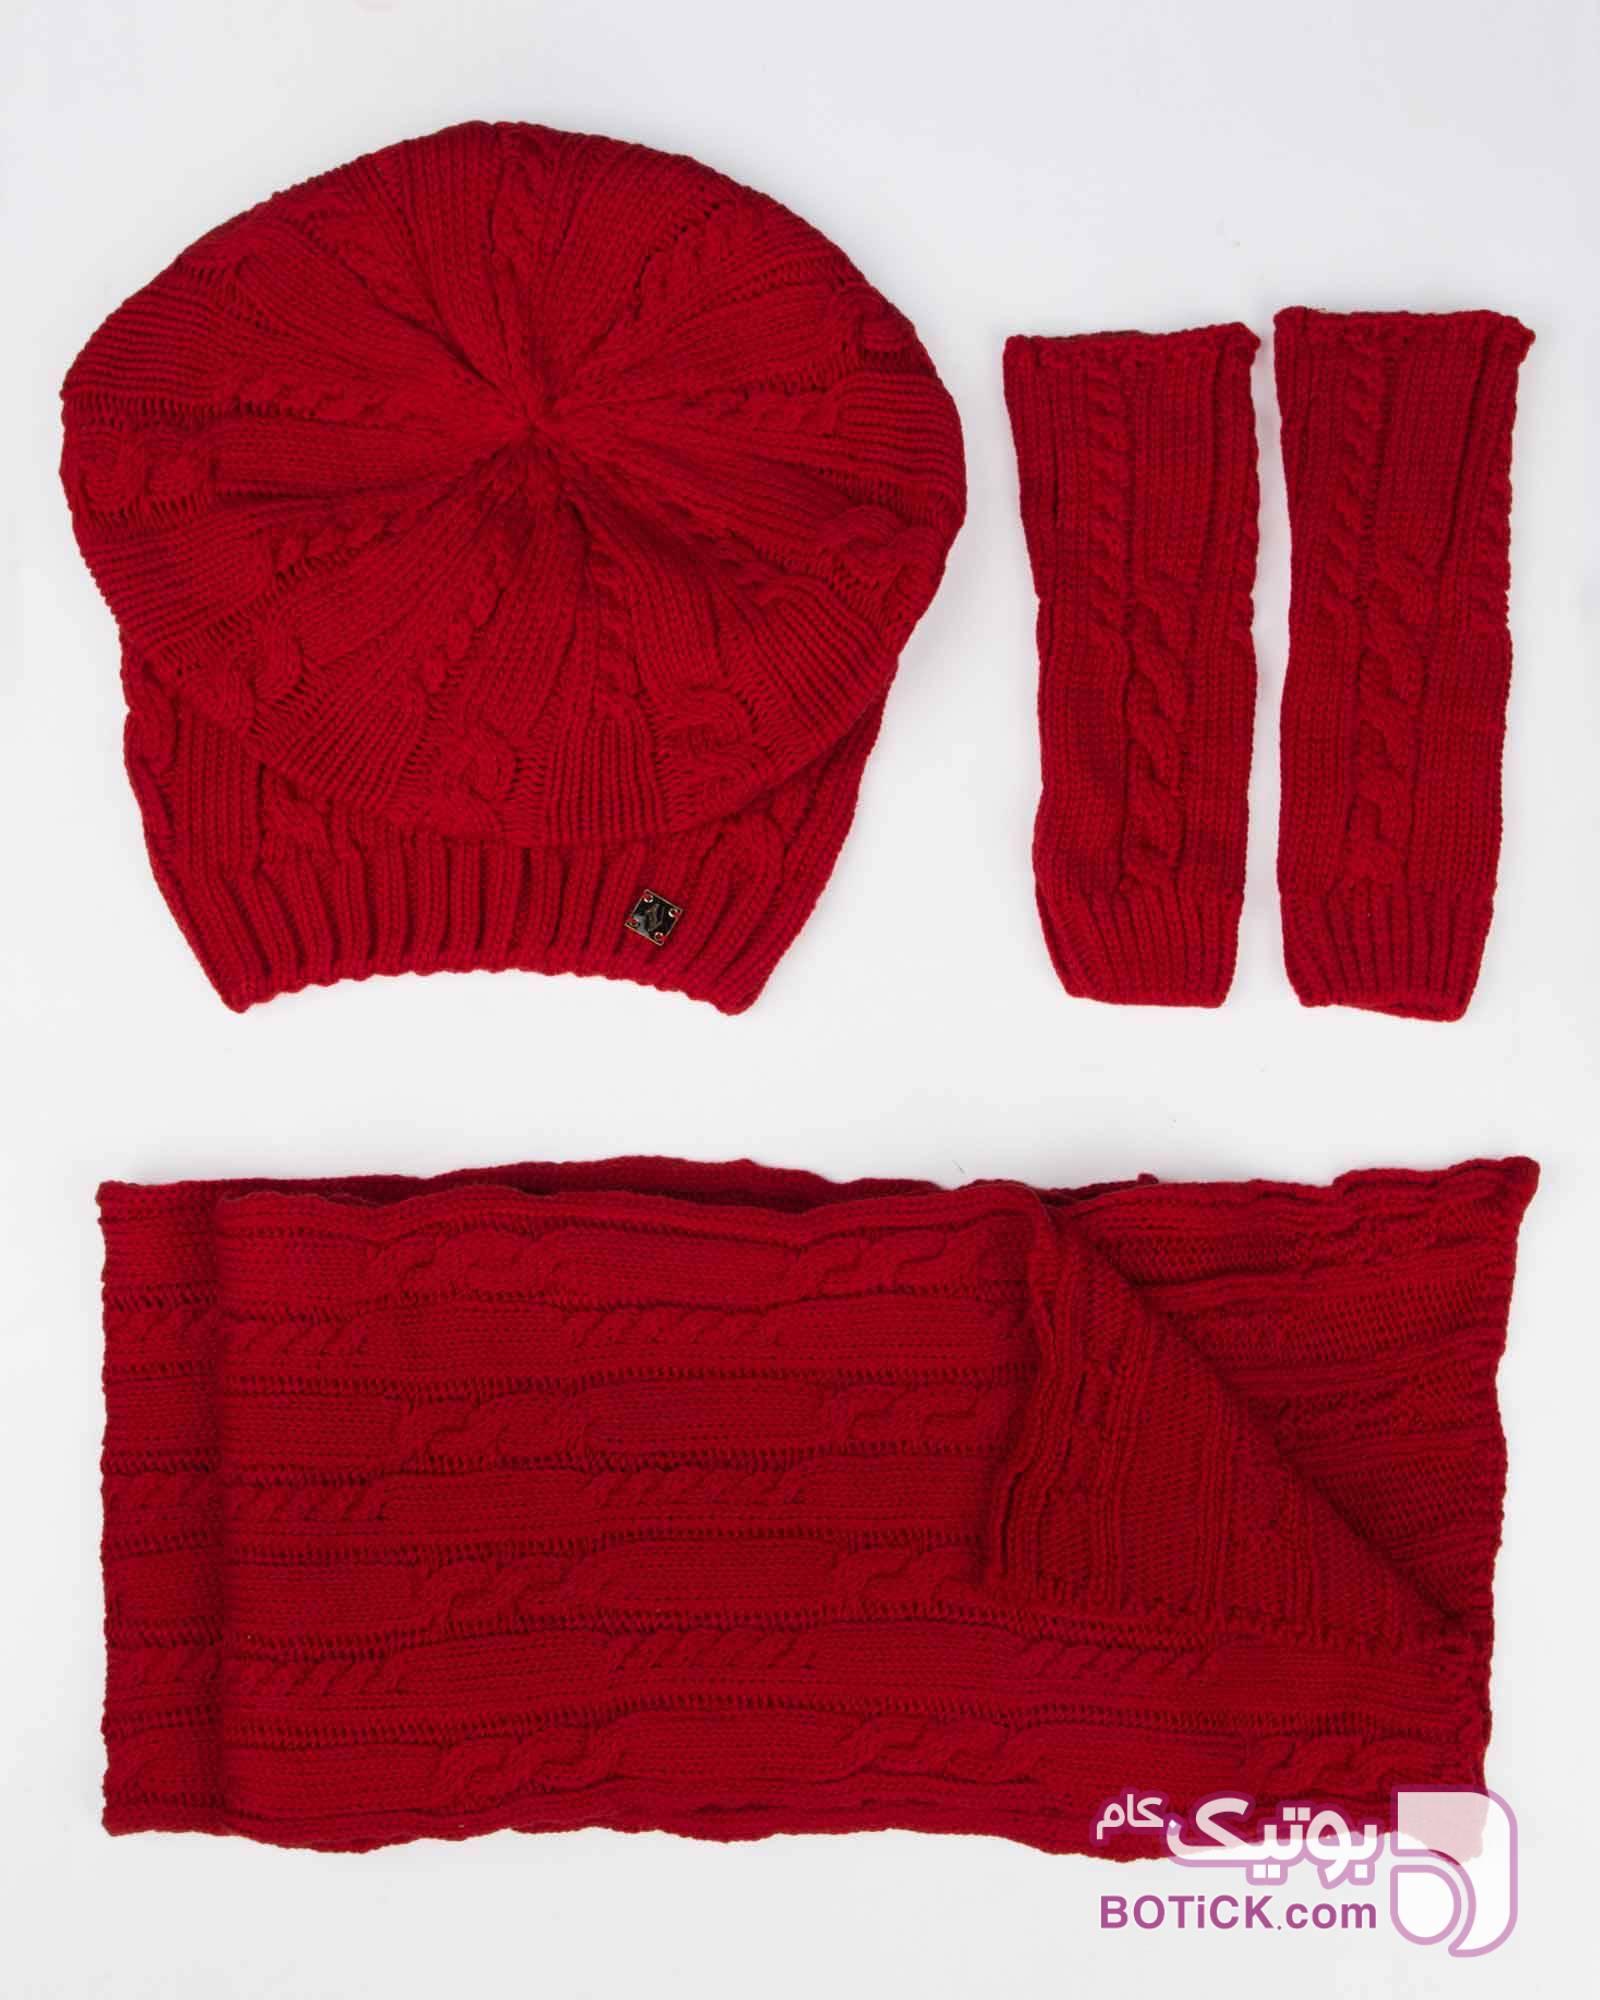 کلاه کج و شال گردن و دست پوش بافت مشکی کلاه بافت و شال گردن و دستکش